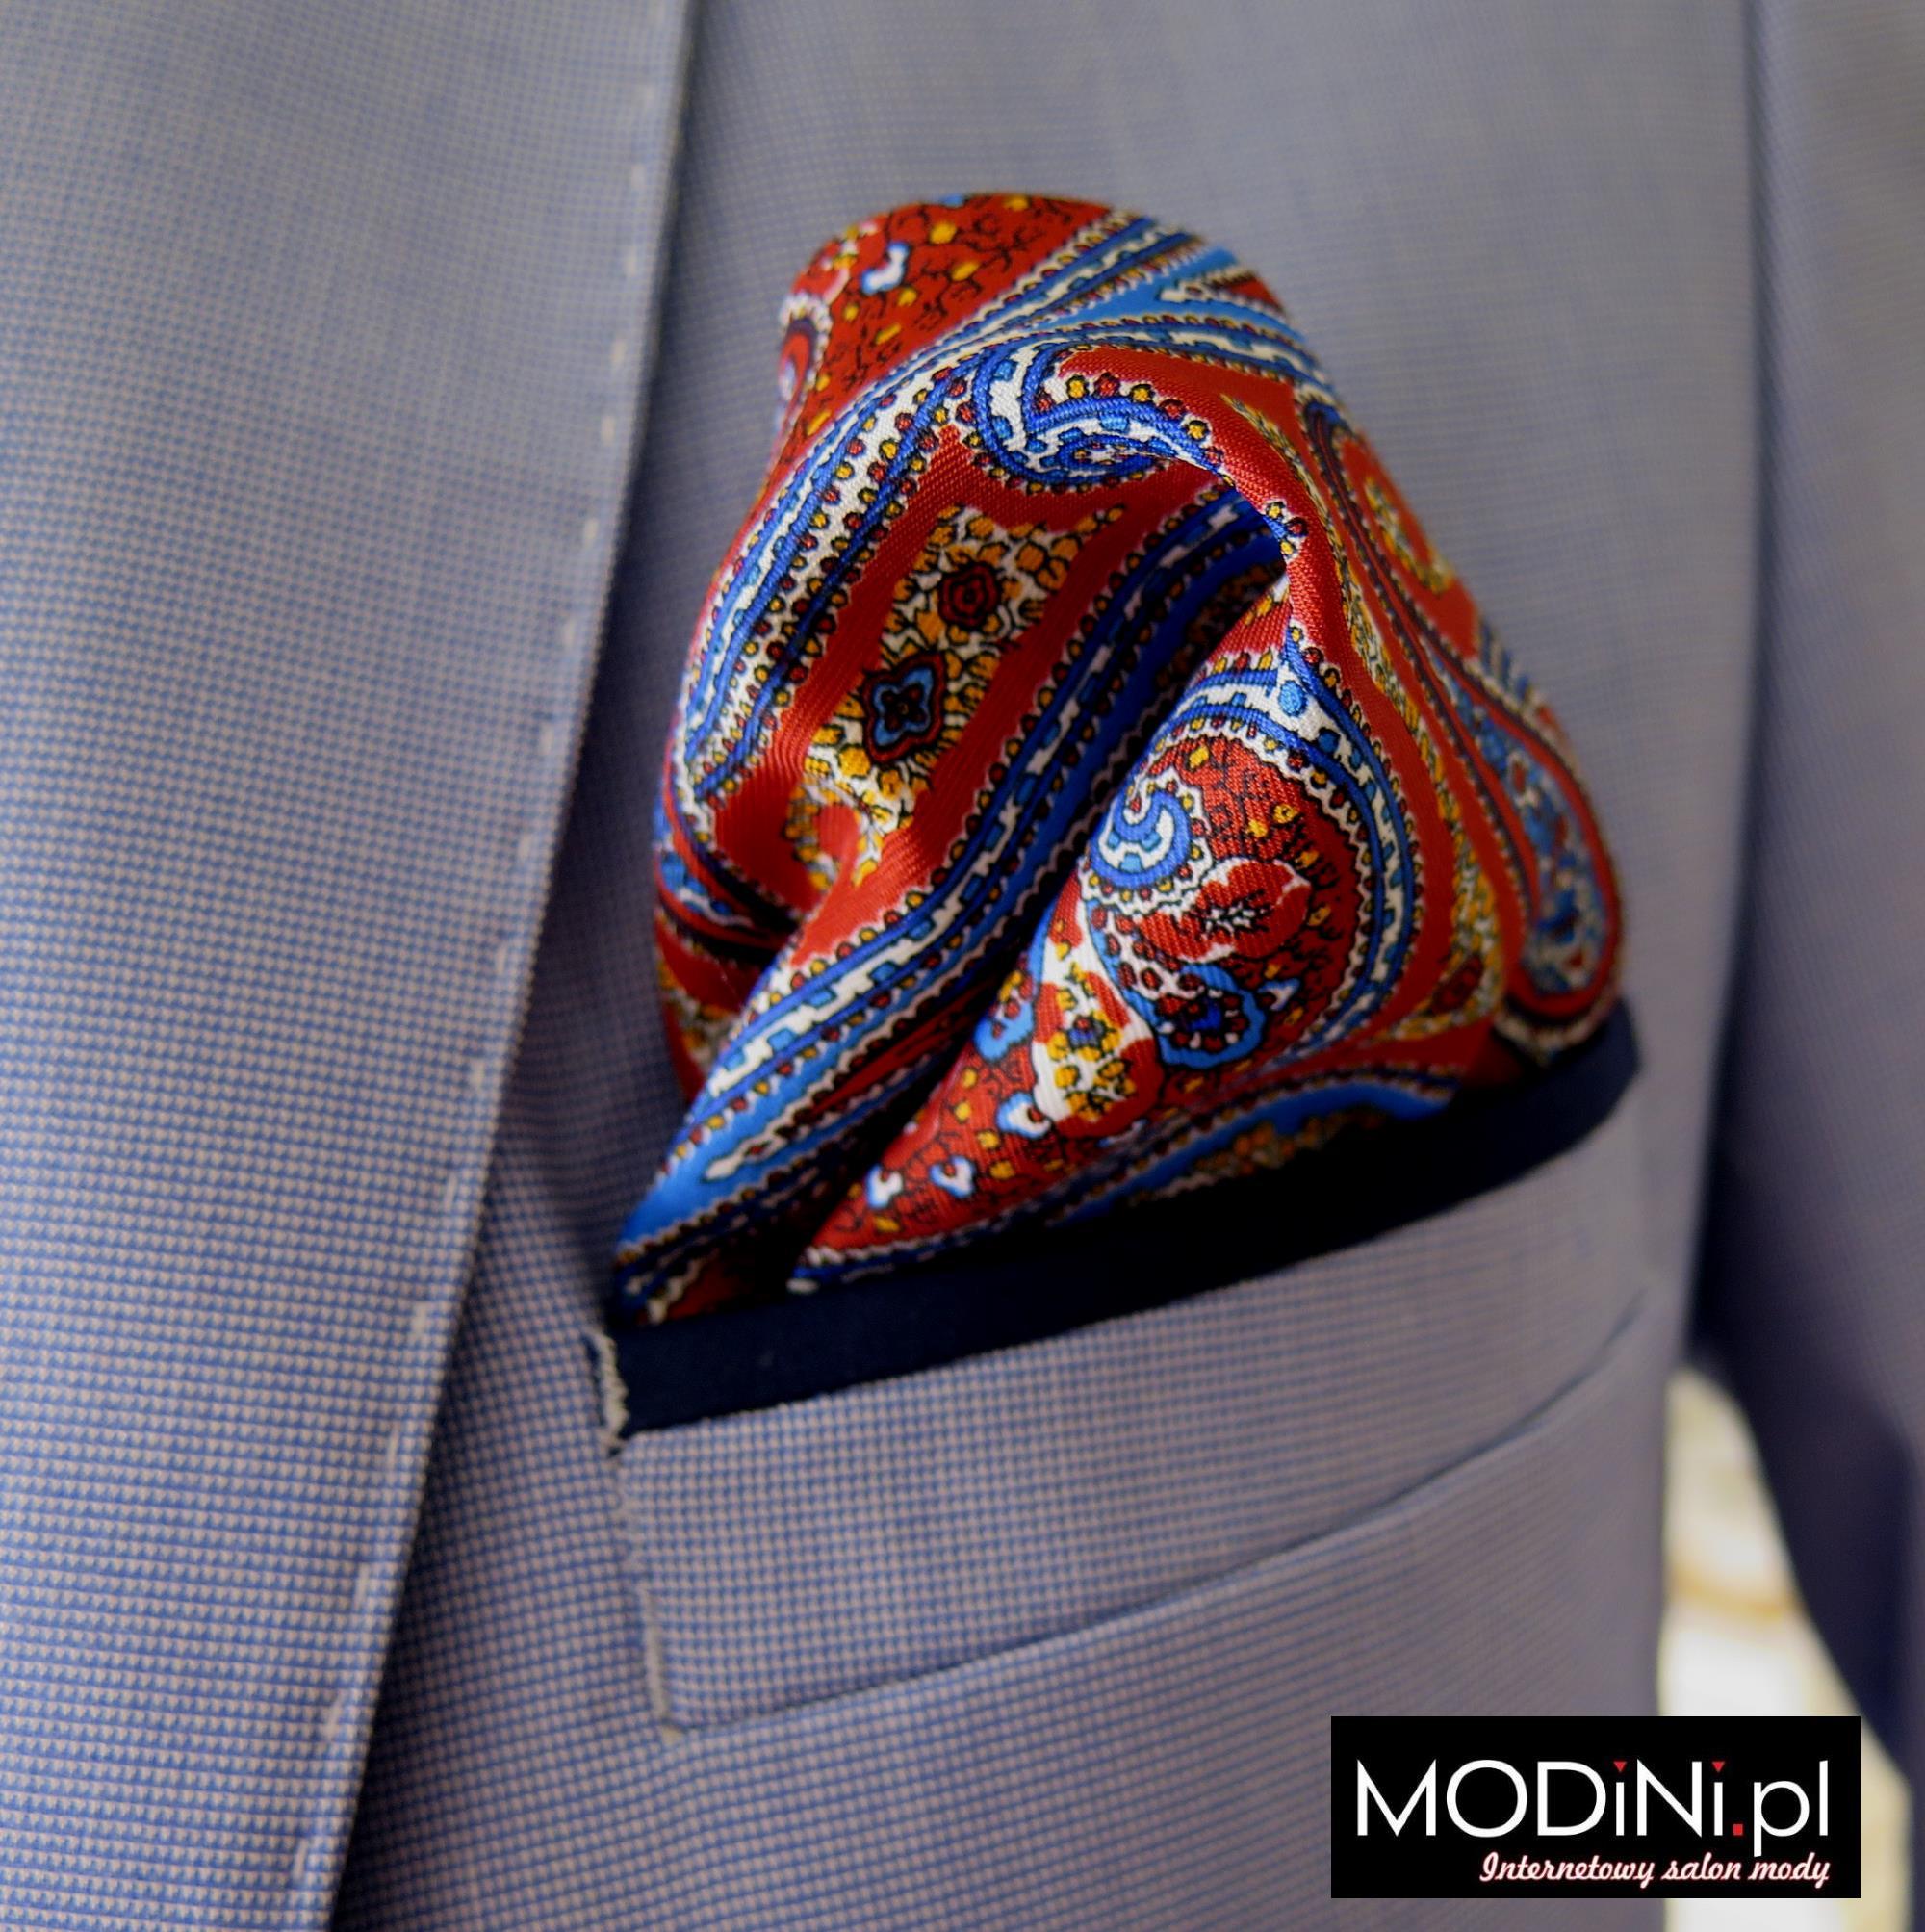 Poszetka – modny dodatek